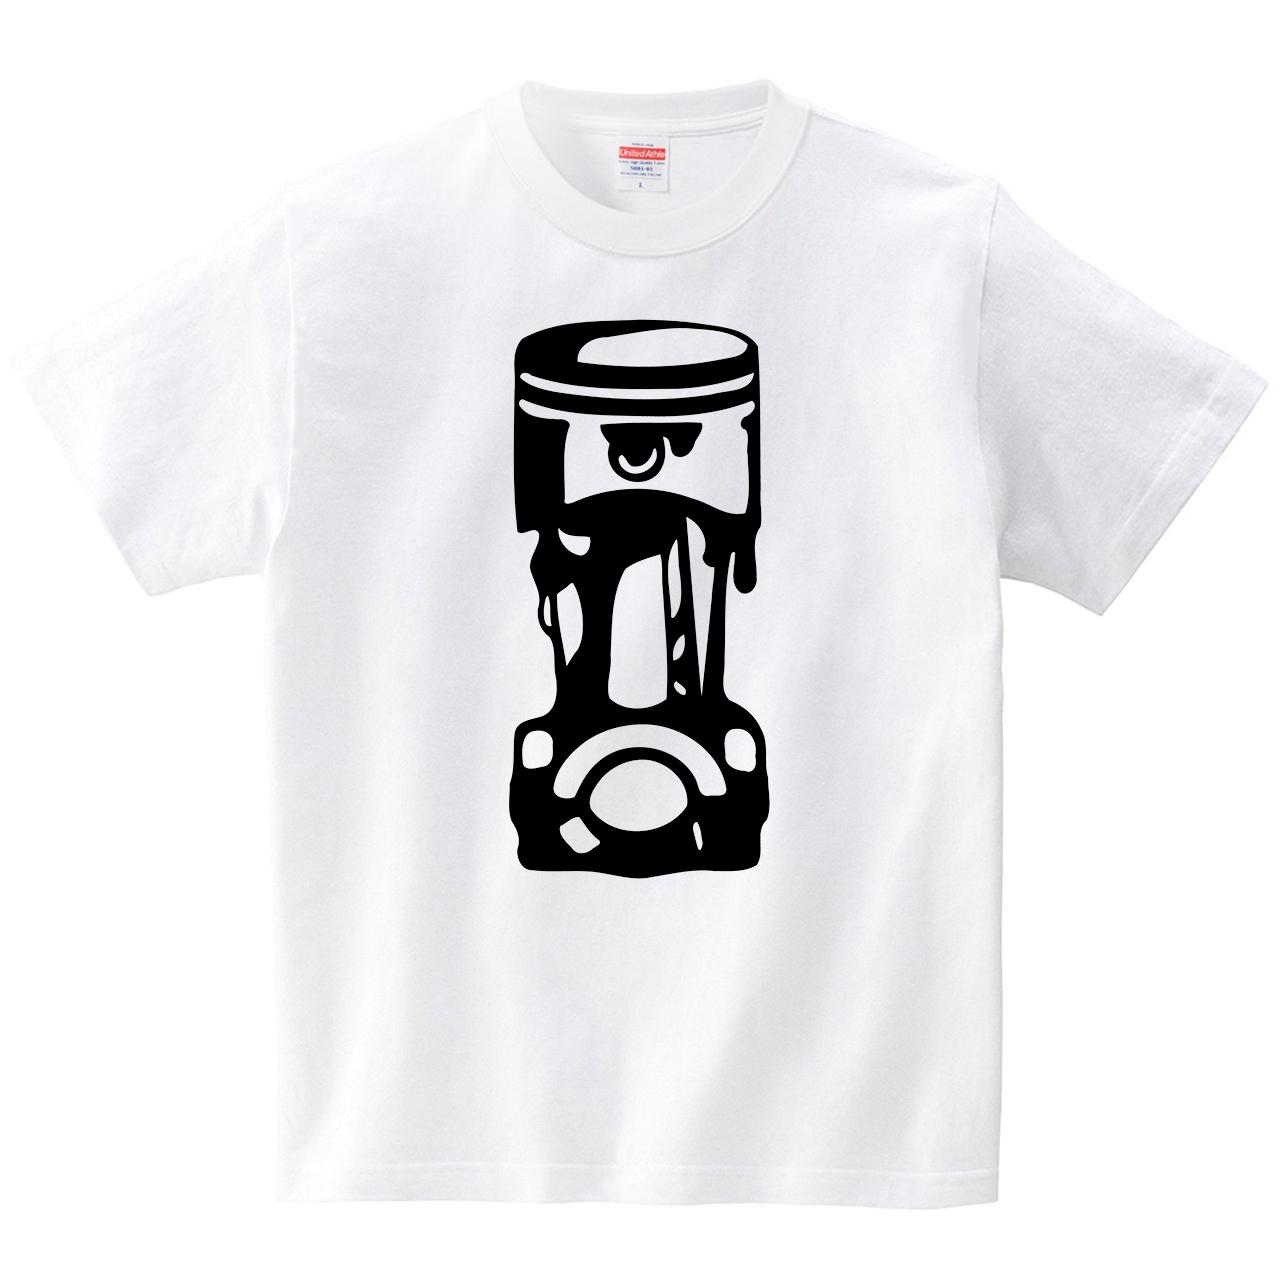 ピストン(Tシャツ・ホワイト)(犬田猫三郎)